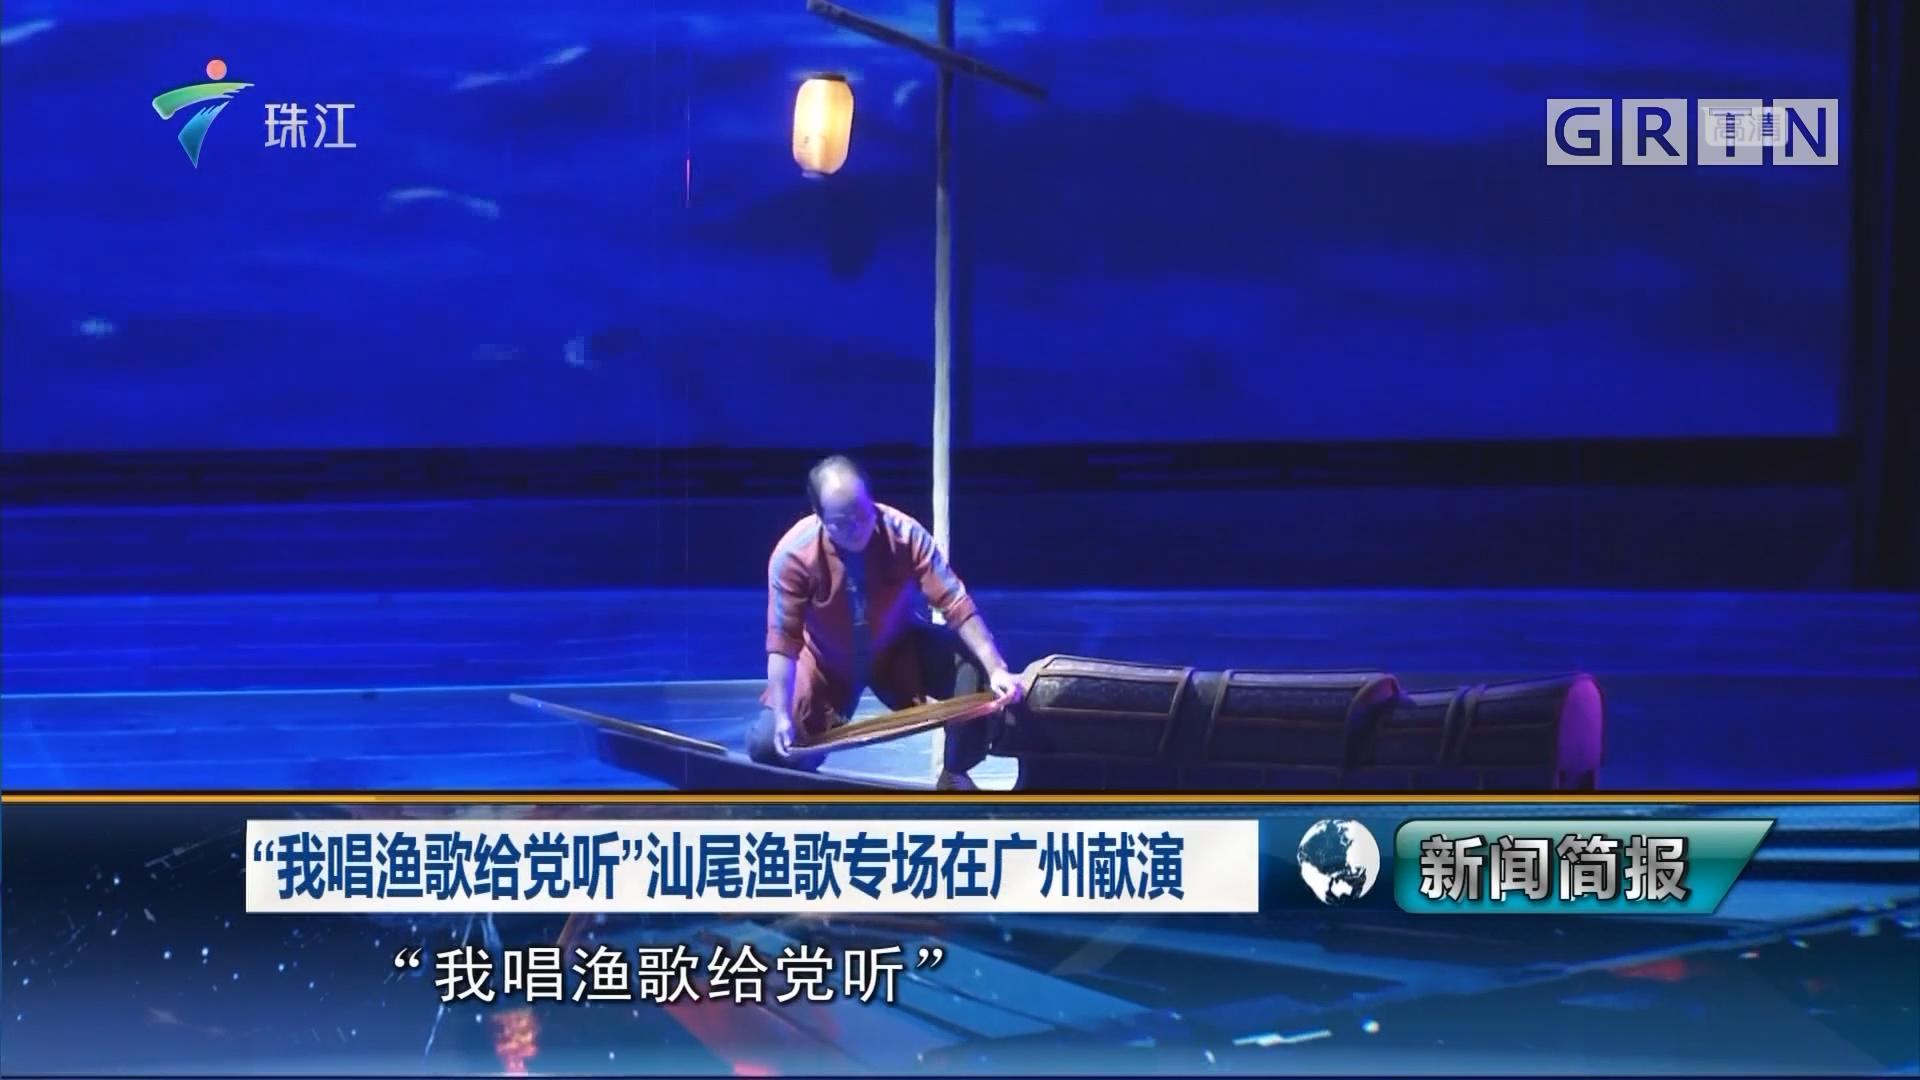 """""""我唱渔歌给党听""""汕尾渔歌专场在广州献演"""